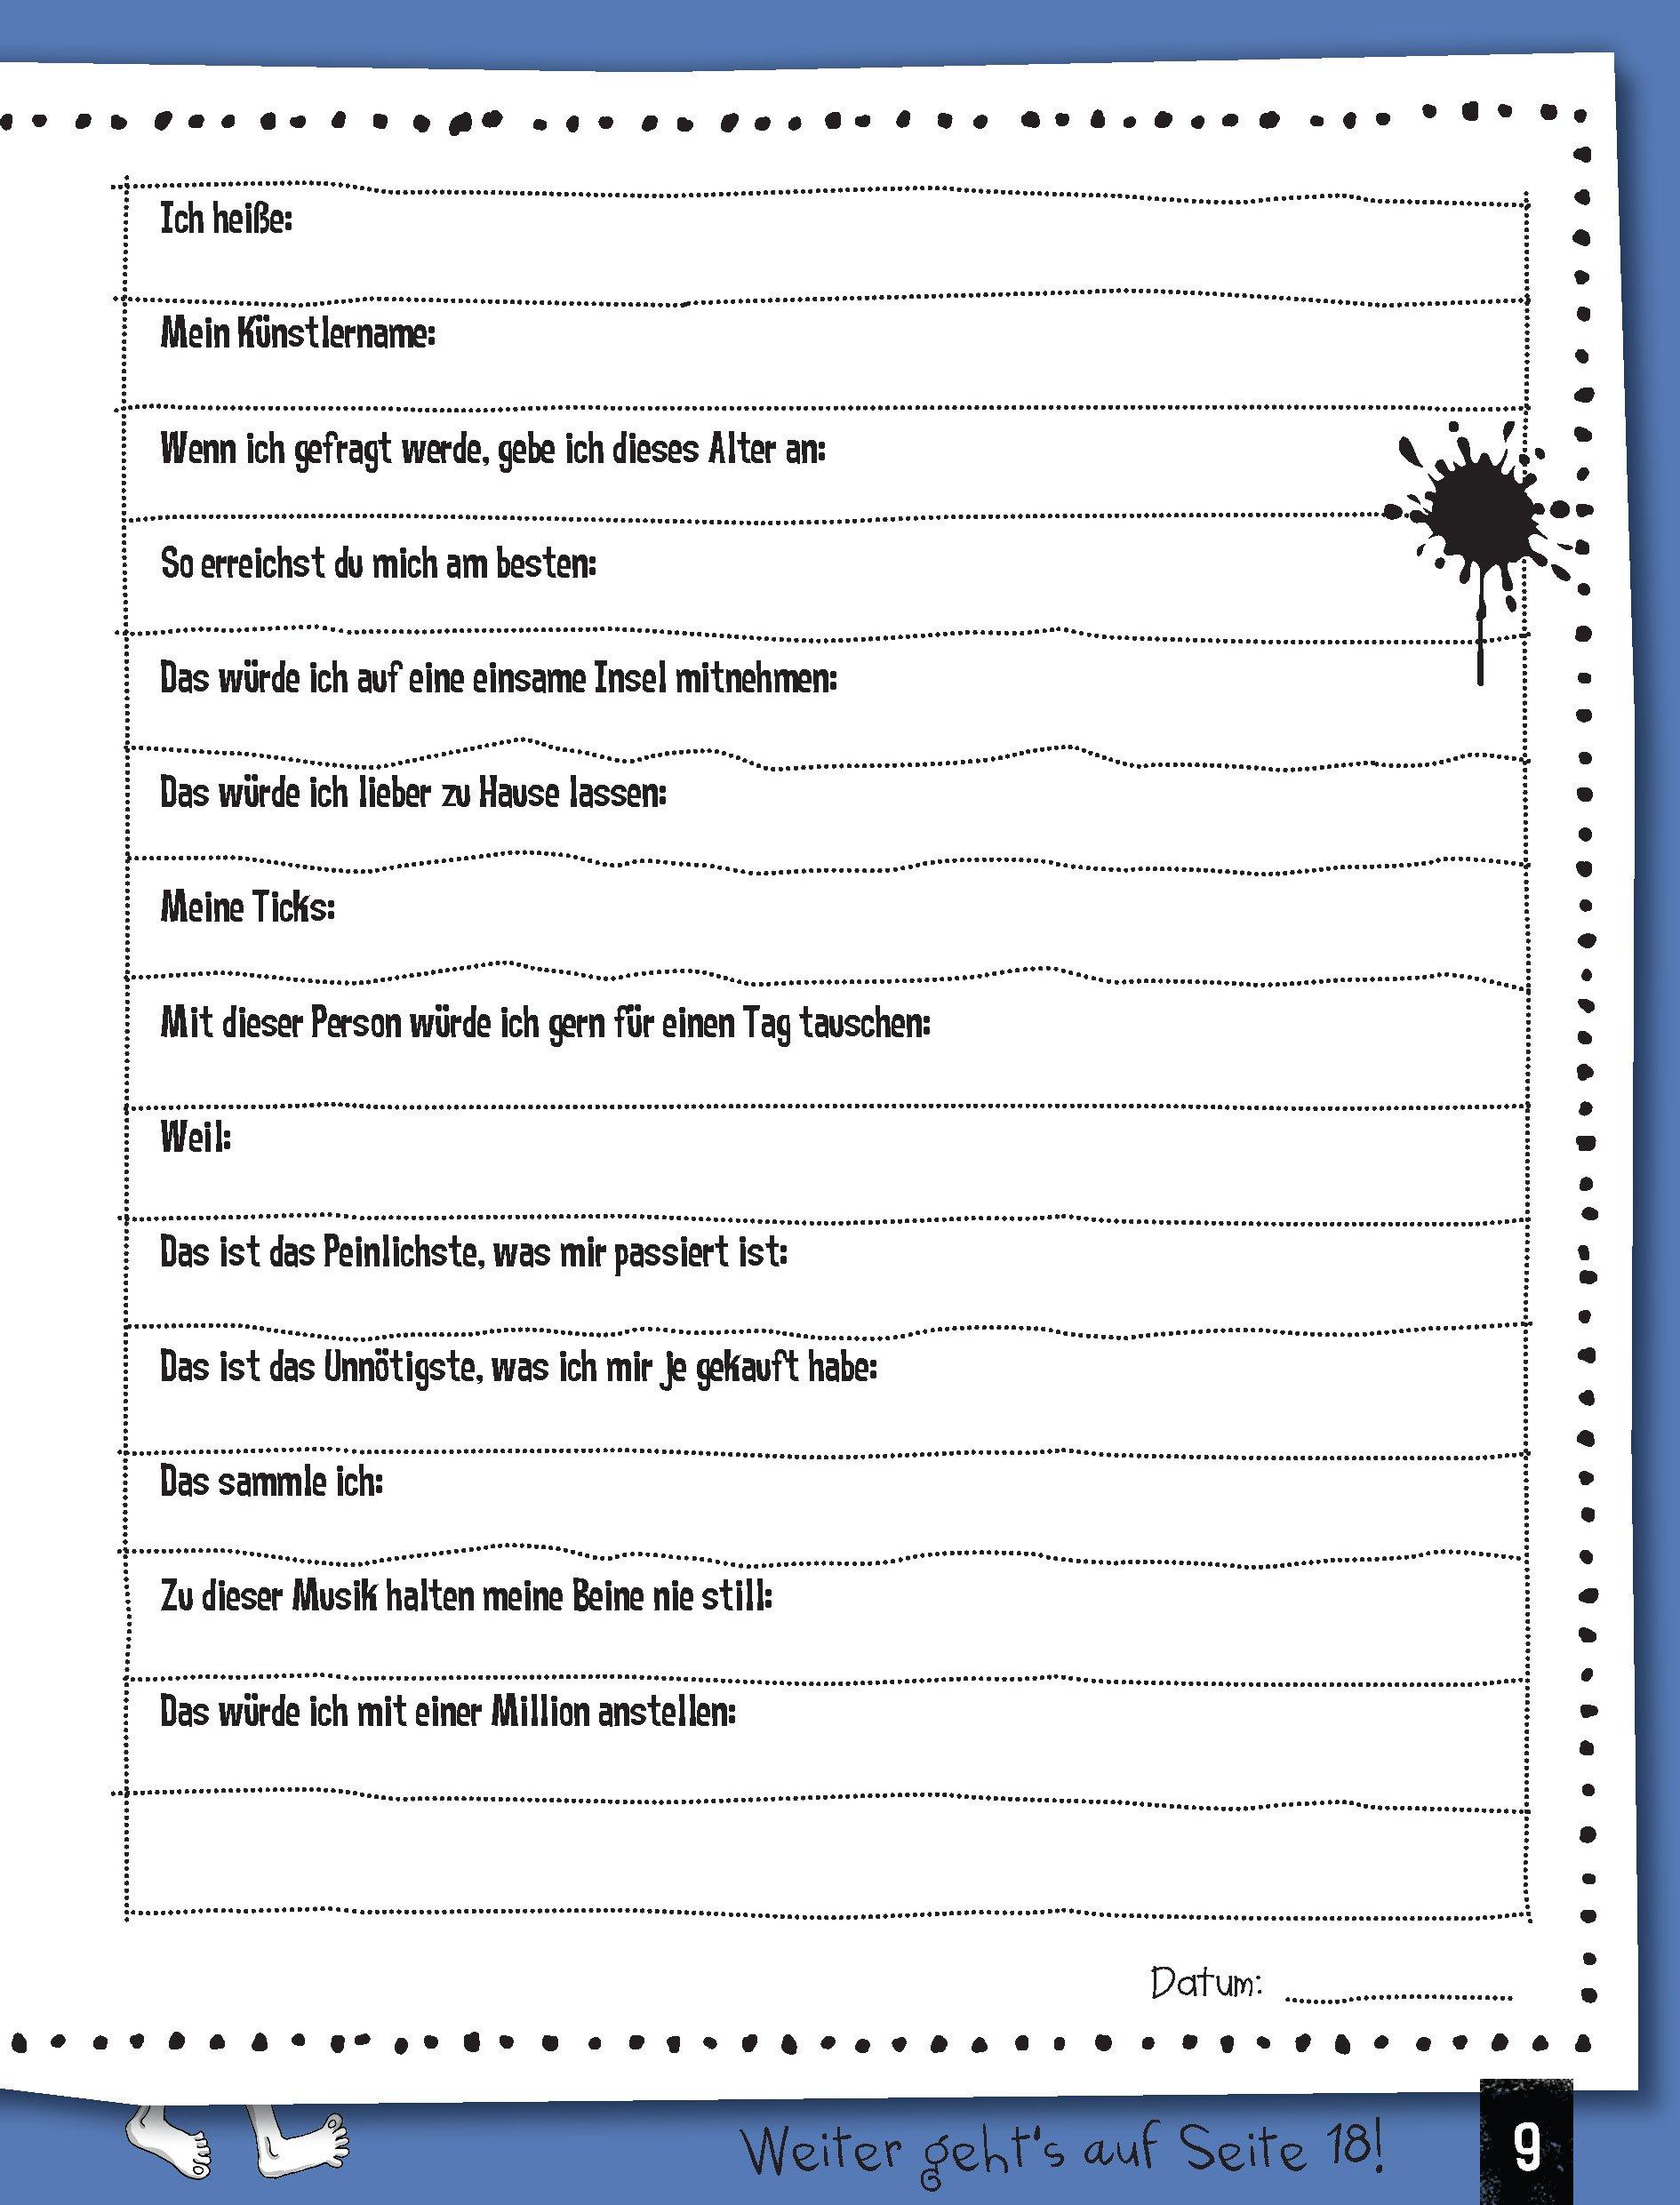 Fragen freundschaftsbuch erwachsene